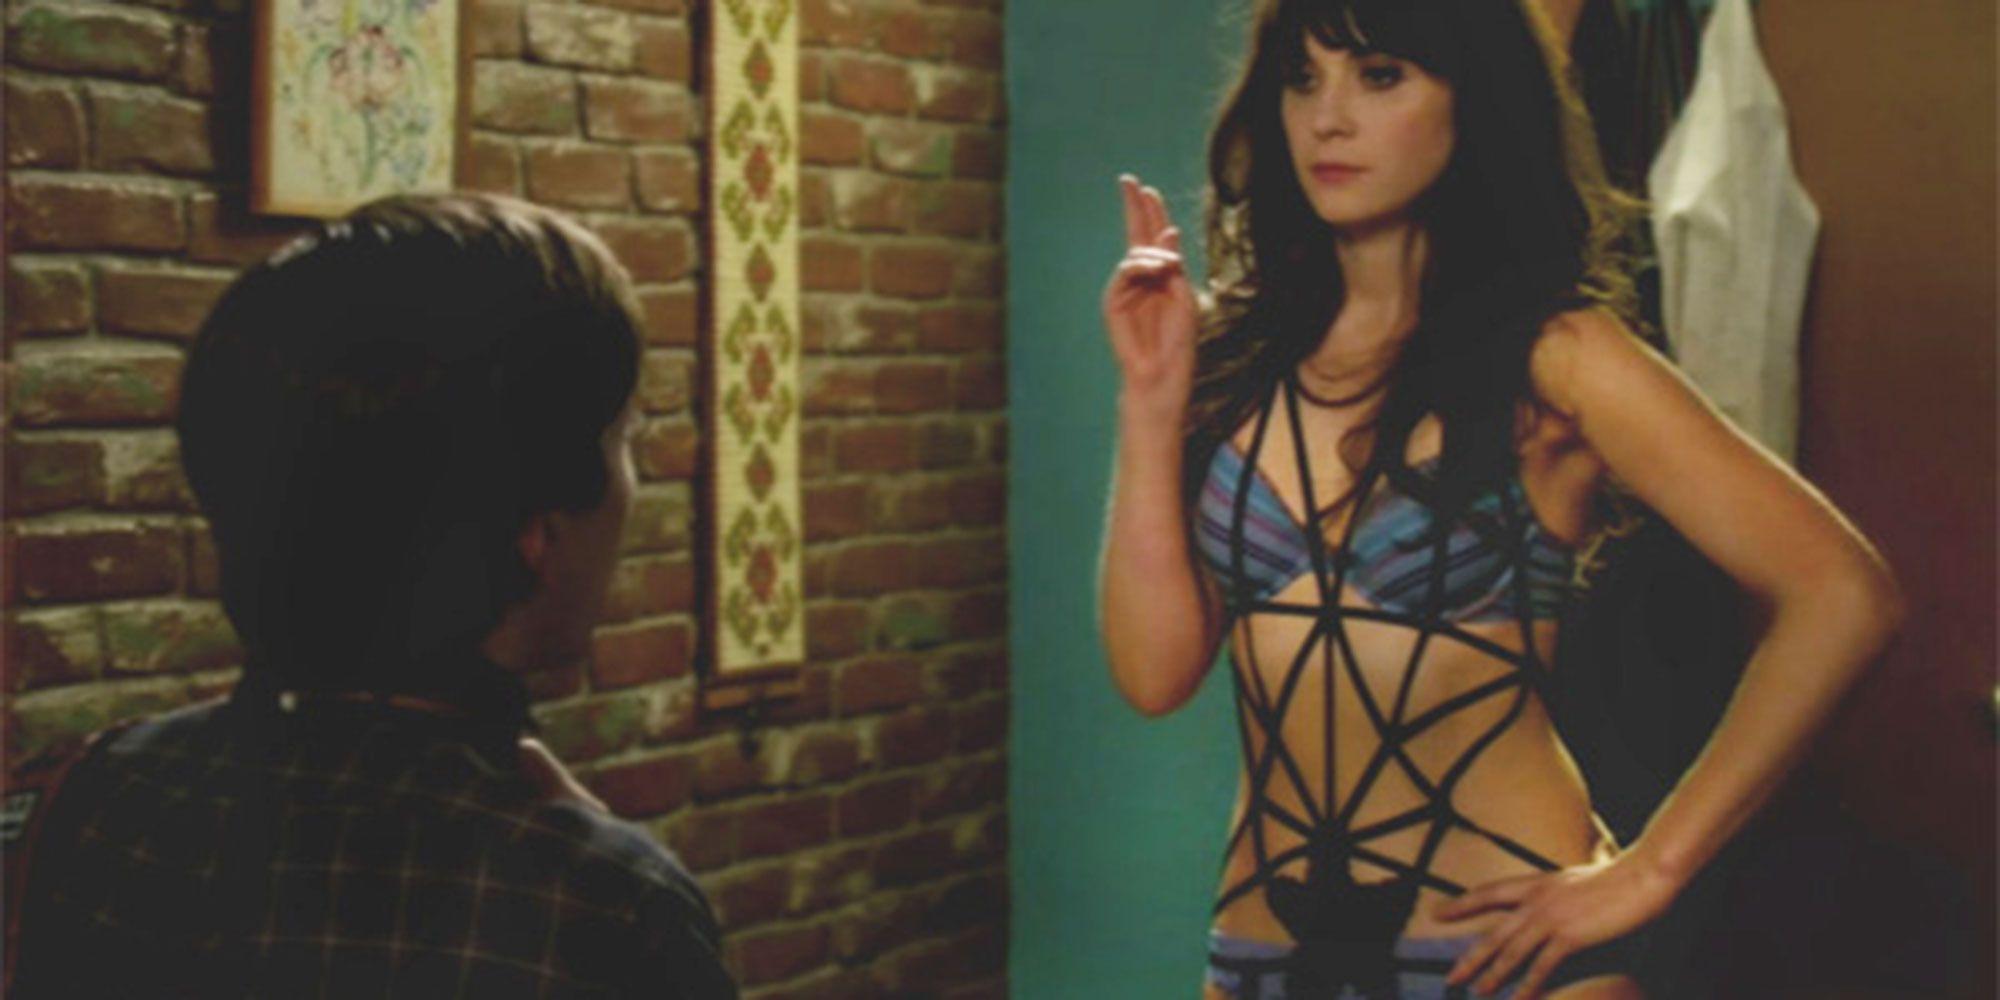 Jess in New Girl wearing lingerie